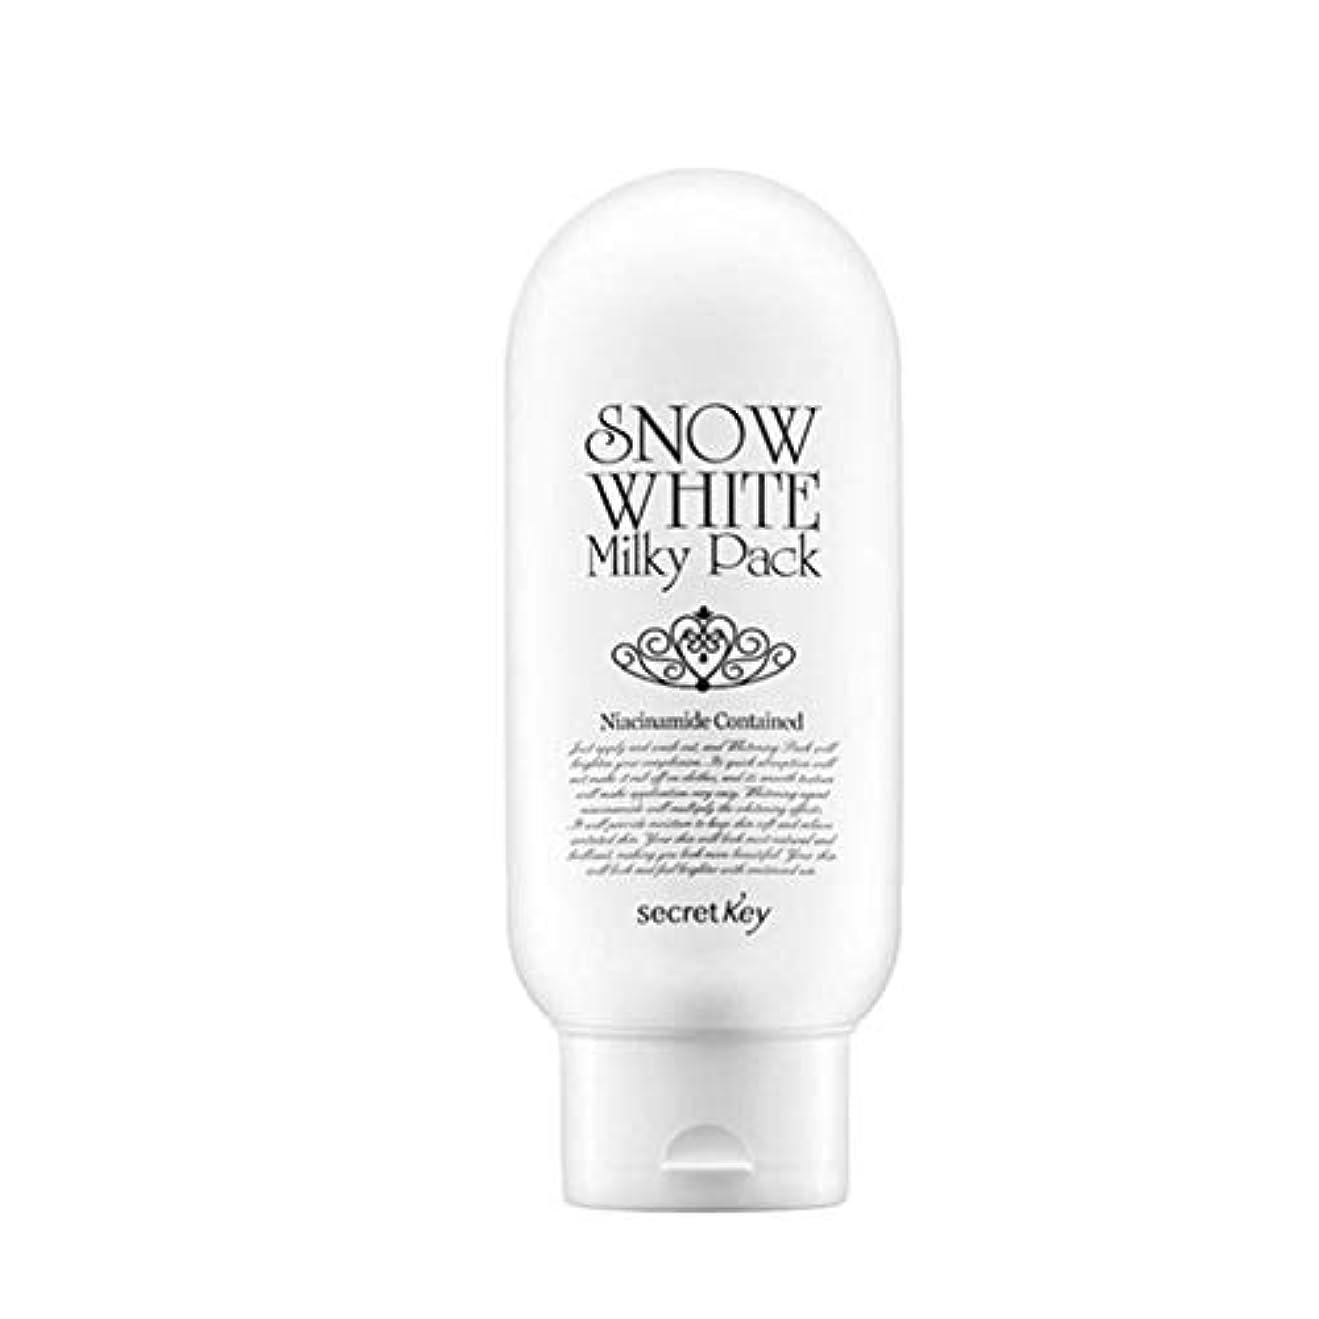 アーサーコナンドイルメーター規則性シークレットキースノーホワイトミルキーパック200g韓国コスメ、Secret Key Snow White Milky Pack 200g Korean Cosmetics [並行輸入品]